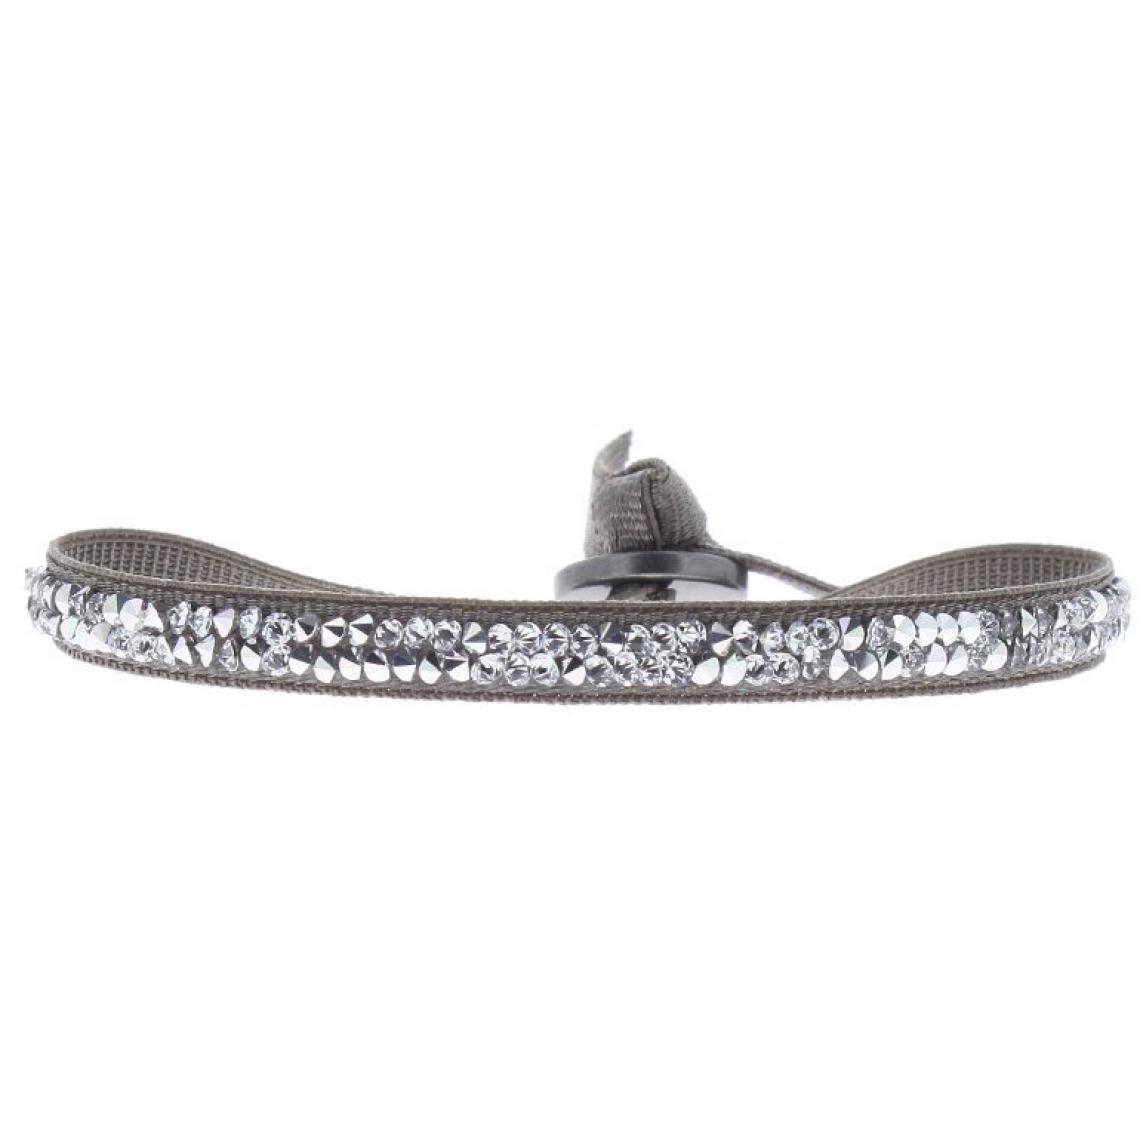 Bracelet Les Interchangeables A24930 - Bracelet Tissu Marron Cristaux Swarovski Les Interchangeables